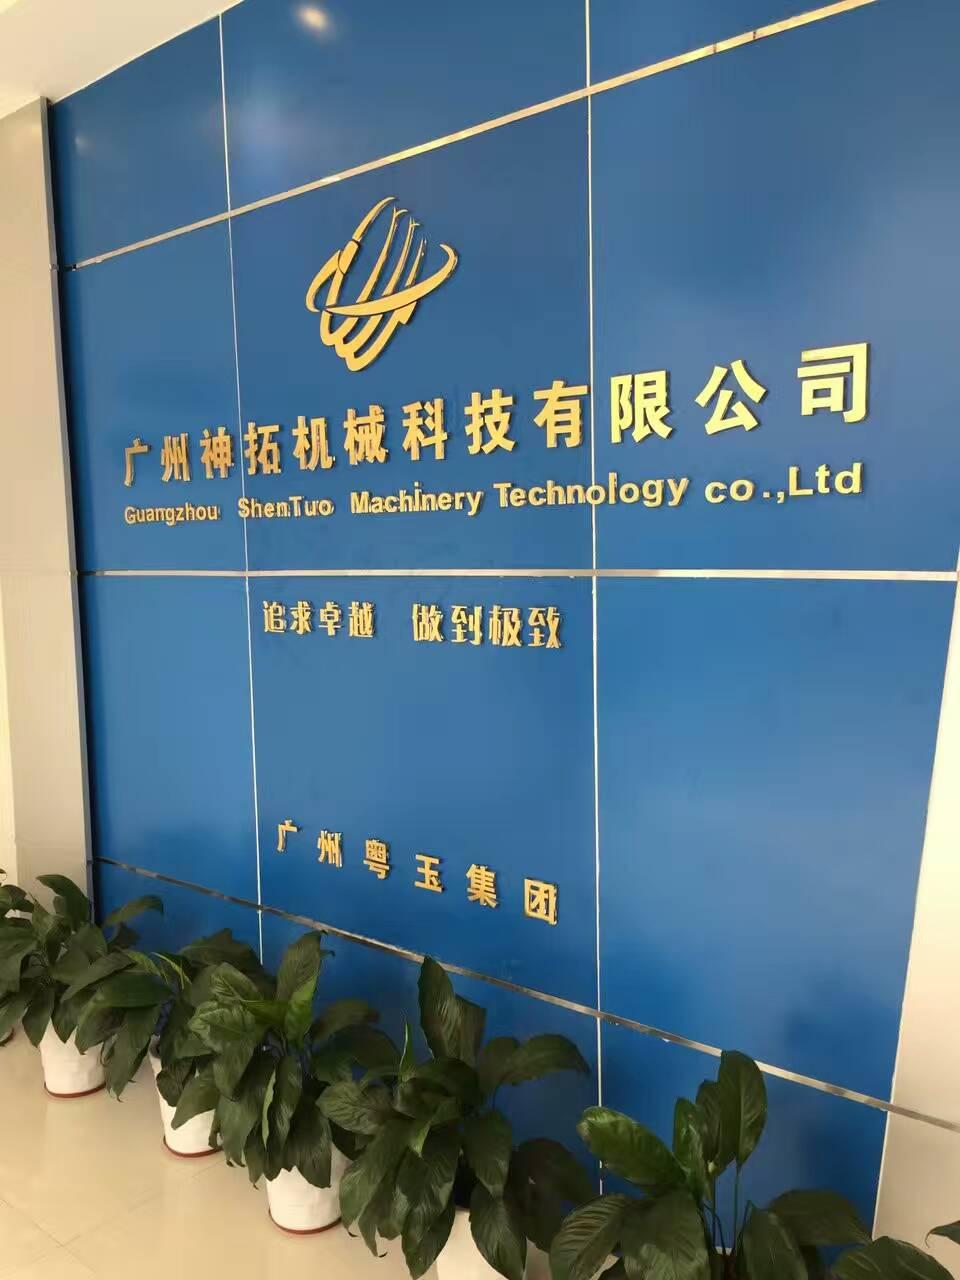 广州神拓机械科技企业宣传画册摄影